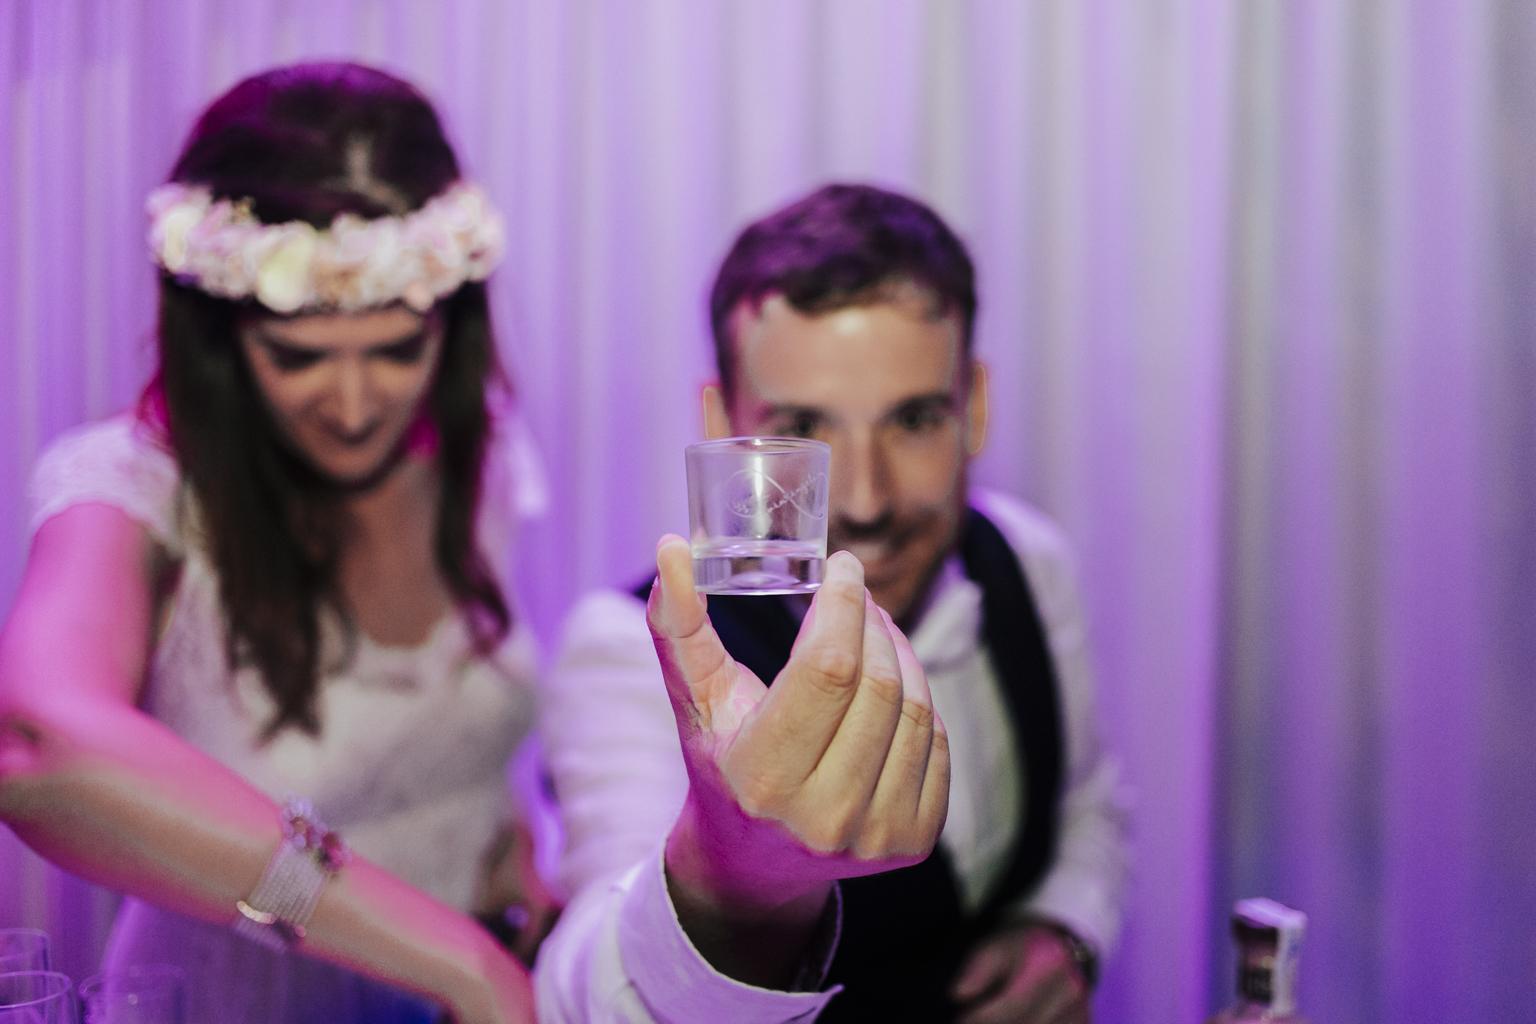 fotógrafo boda fraga :: boda espai oro :: boda en el espai oro :: fotógrafo de bodas barcelona :: fotógrafo de destino :: destiny photographer